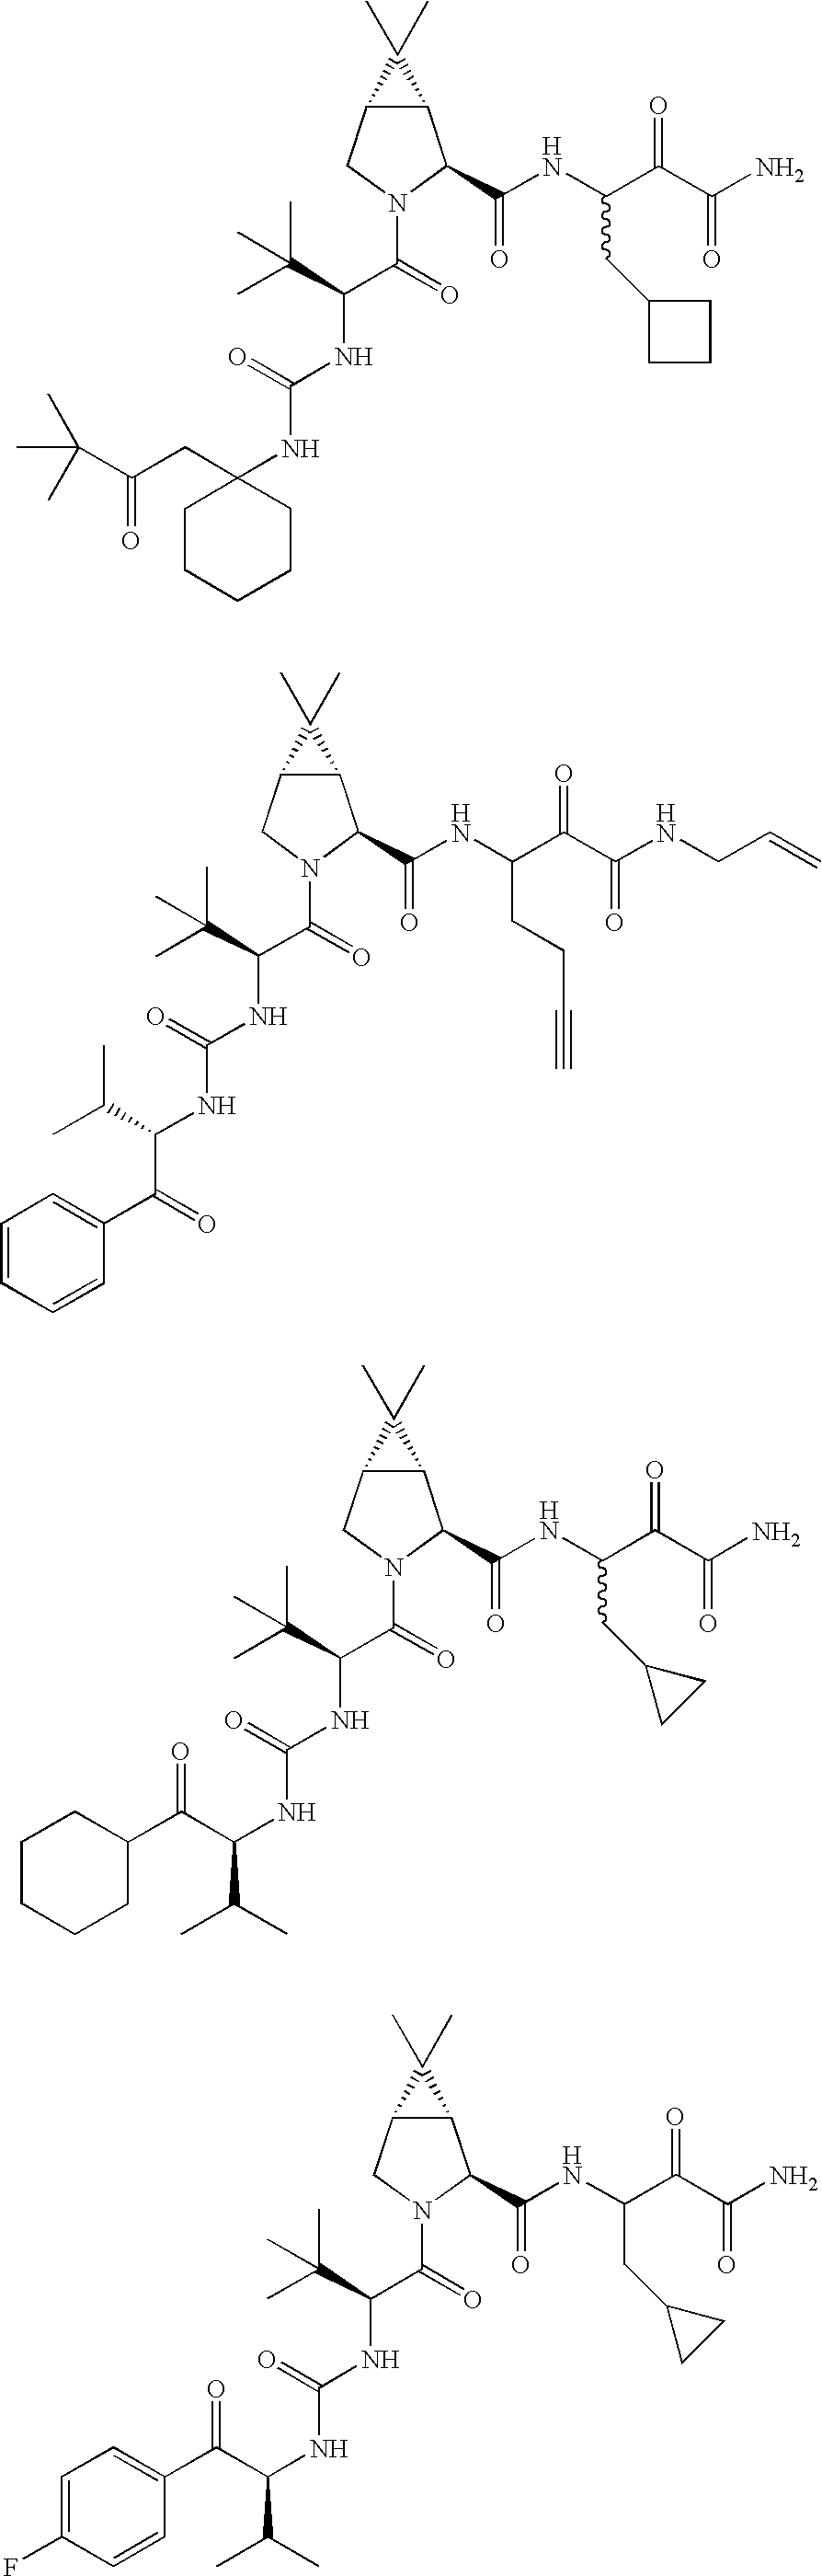 Figure US20060287248A1-20061221-C00222